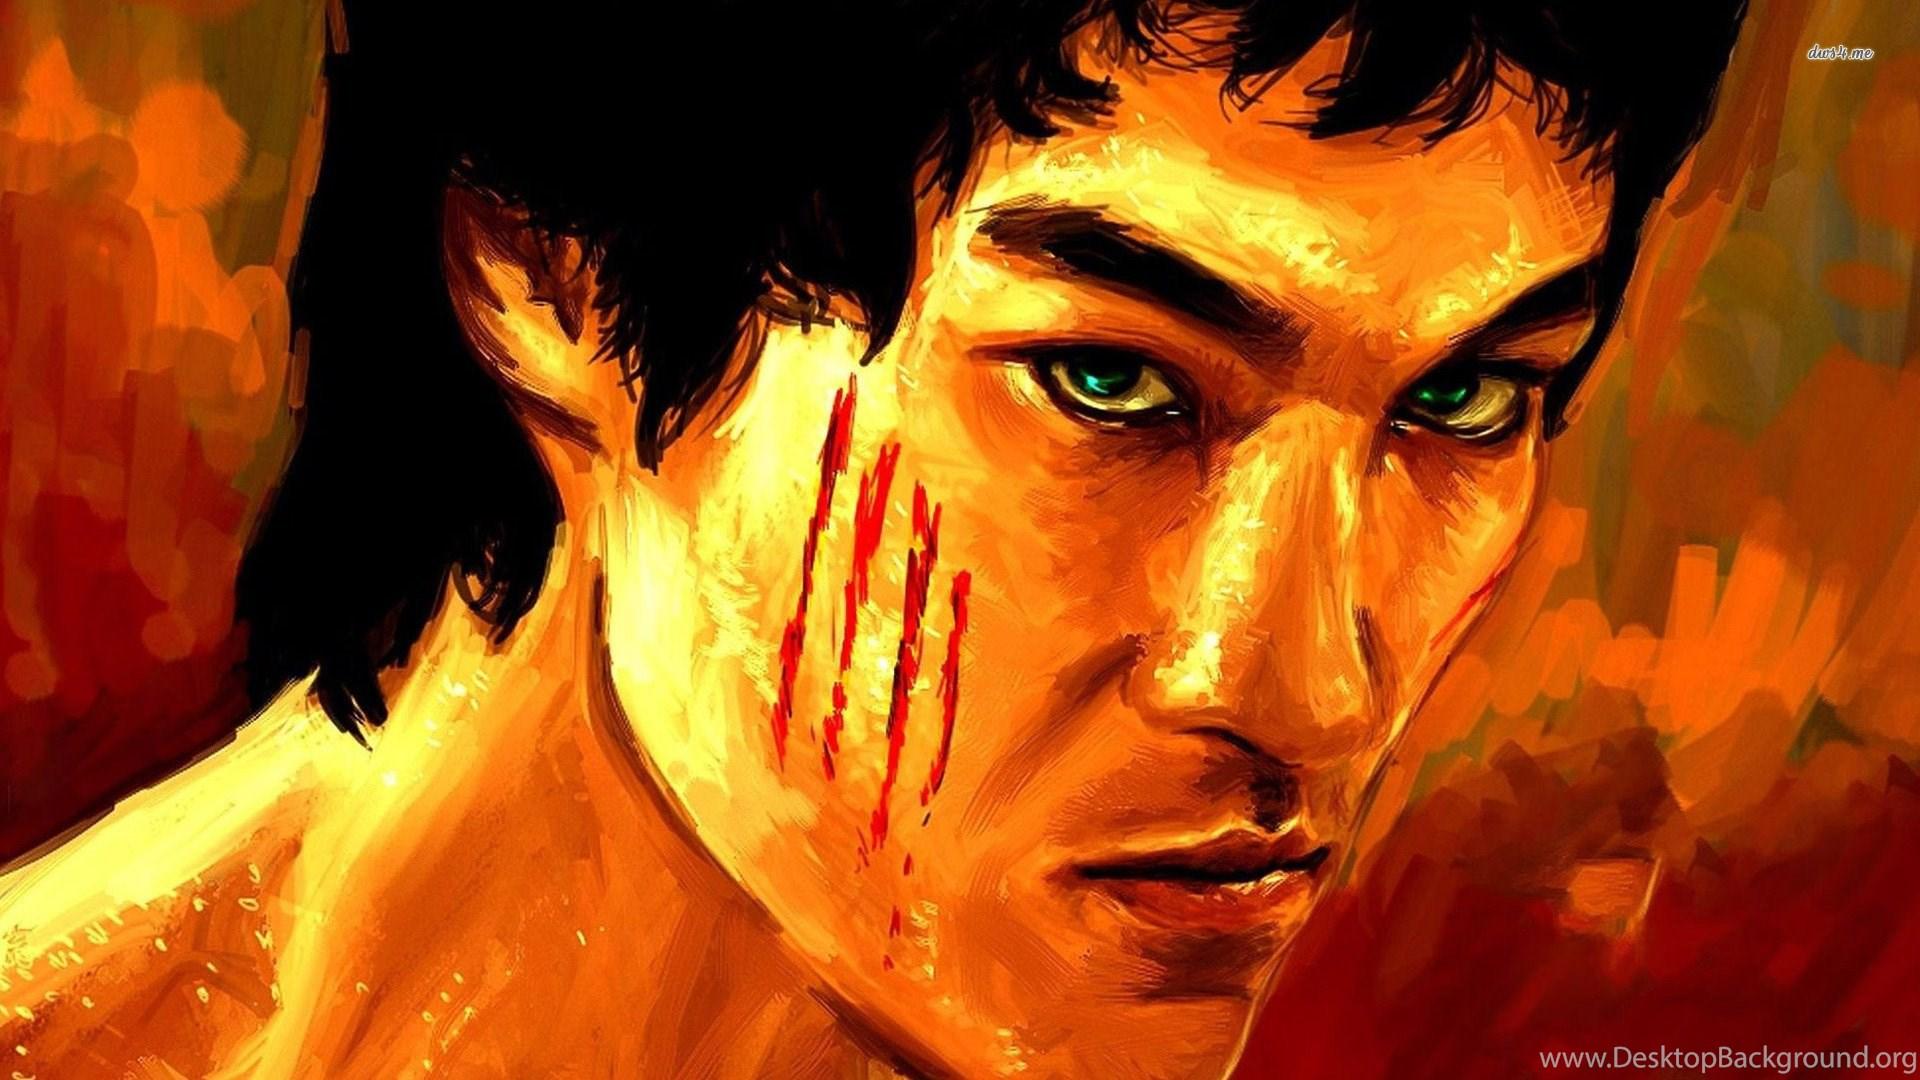 Bruce Lee Wallpapers Download Wallpapers Zone Desktop Background